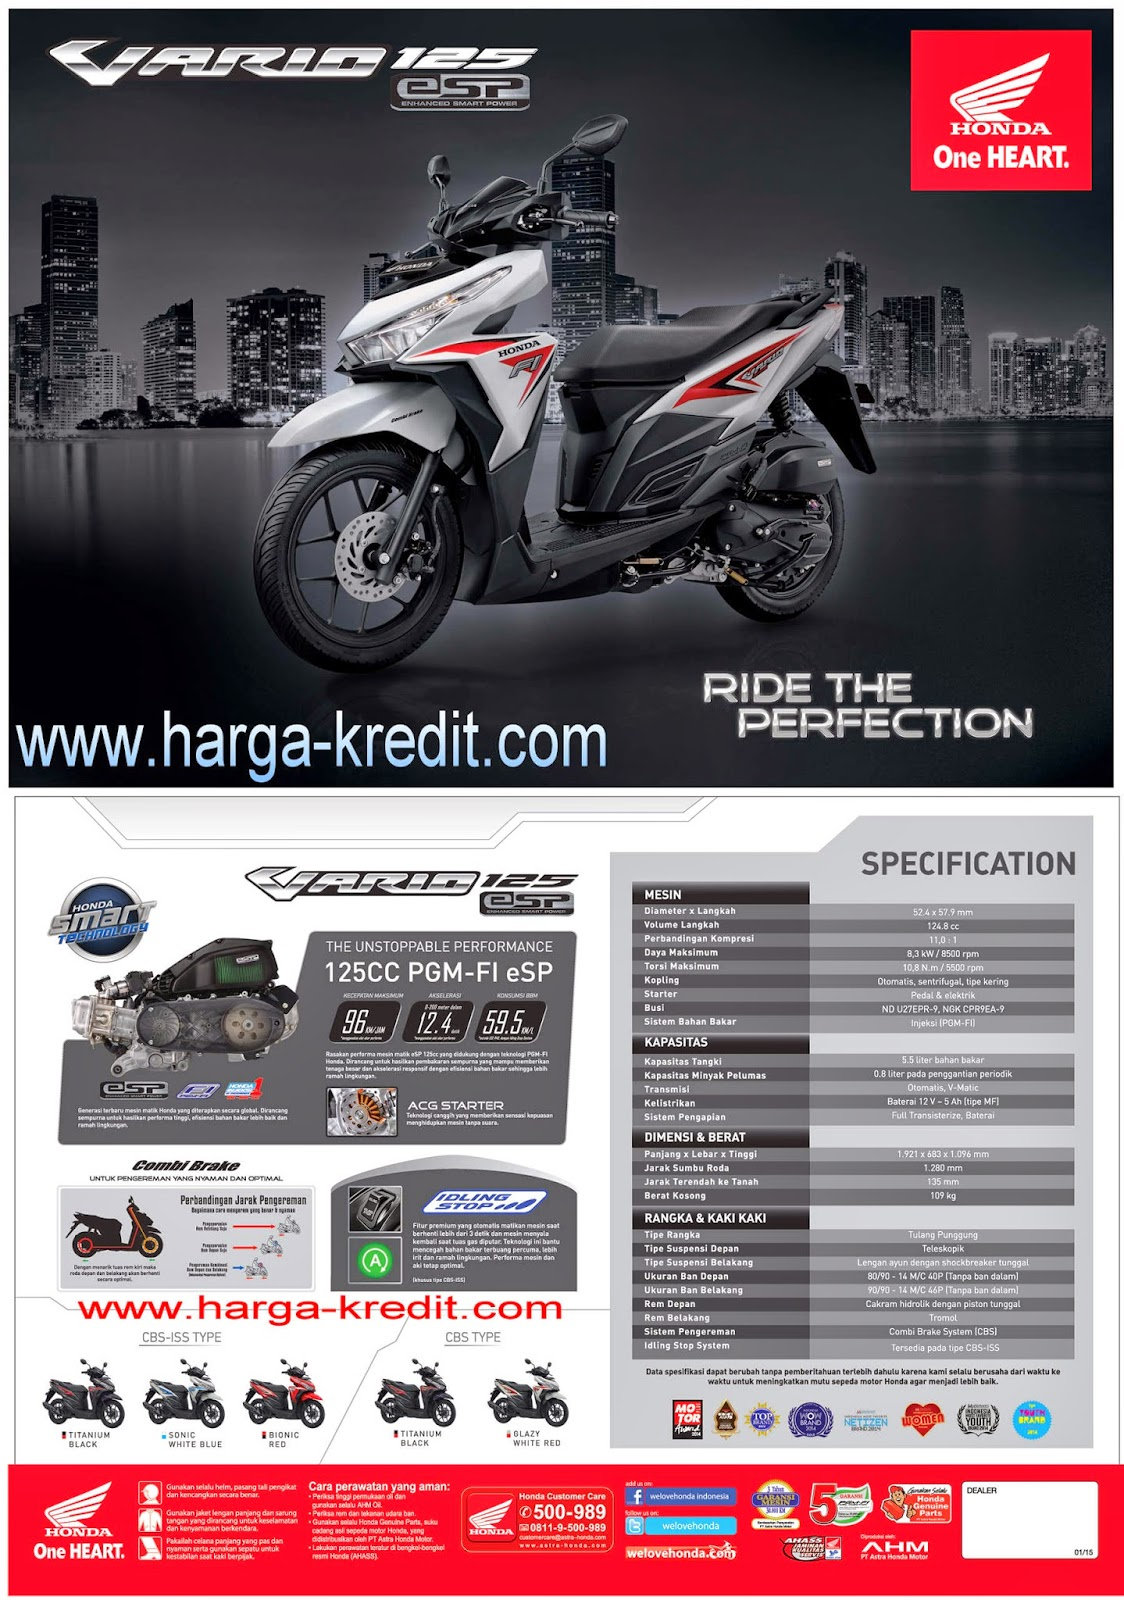 Dealer Kredit Motor Baru Yamaha Honda Khusus Jakarta Bogor New Vario 125 Esp Cbs Titanium Black Sragen Dp Uang Muka Di Bayar Saat Anda Terima